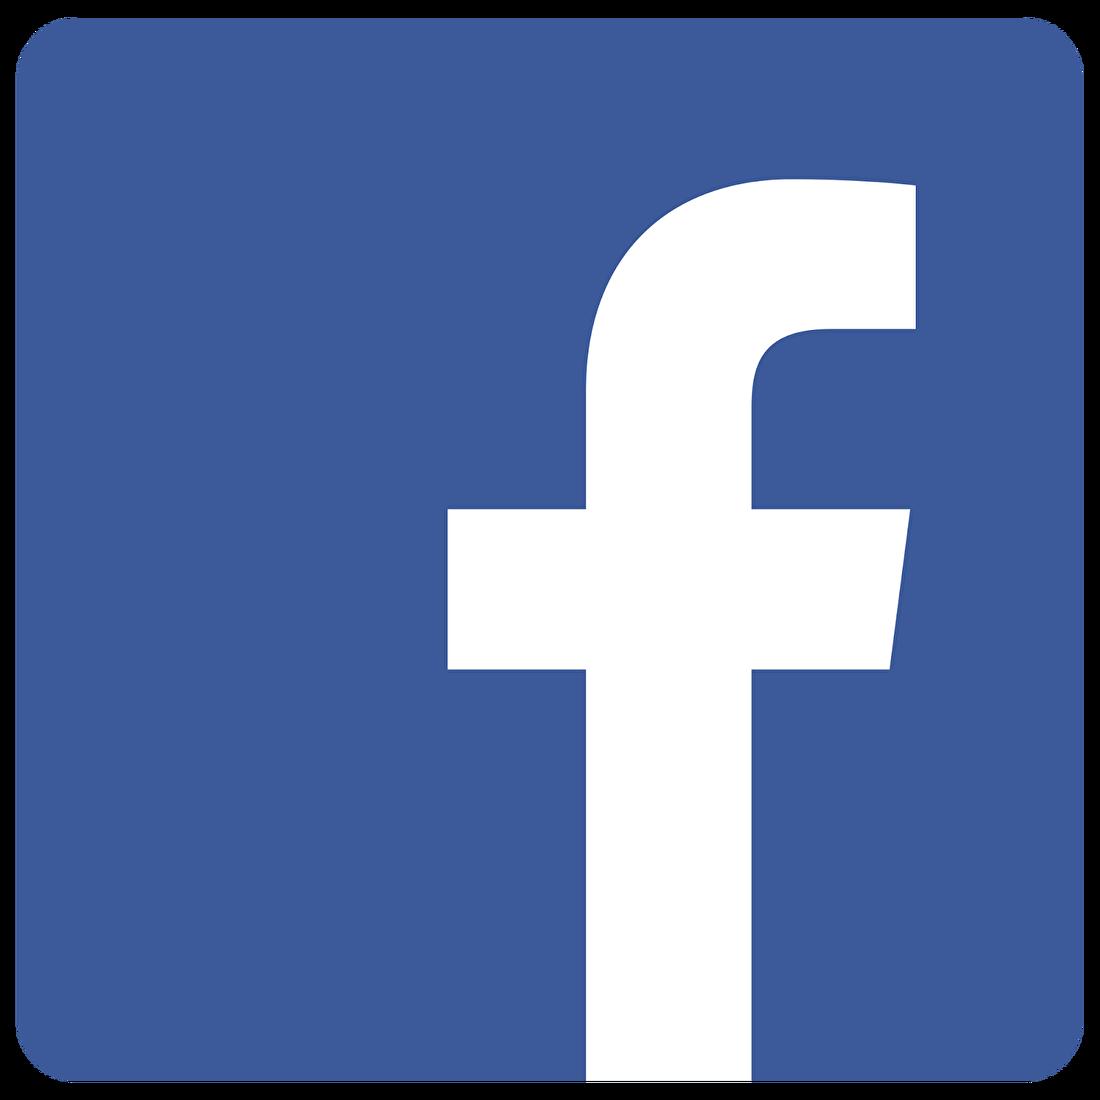 Motormount op Facebook